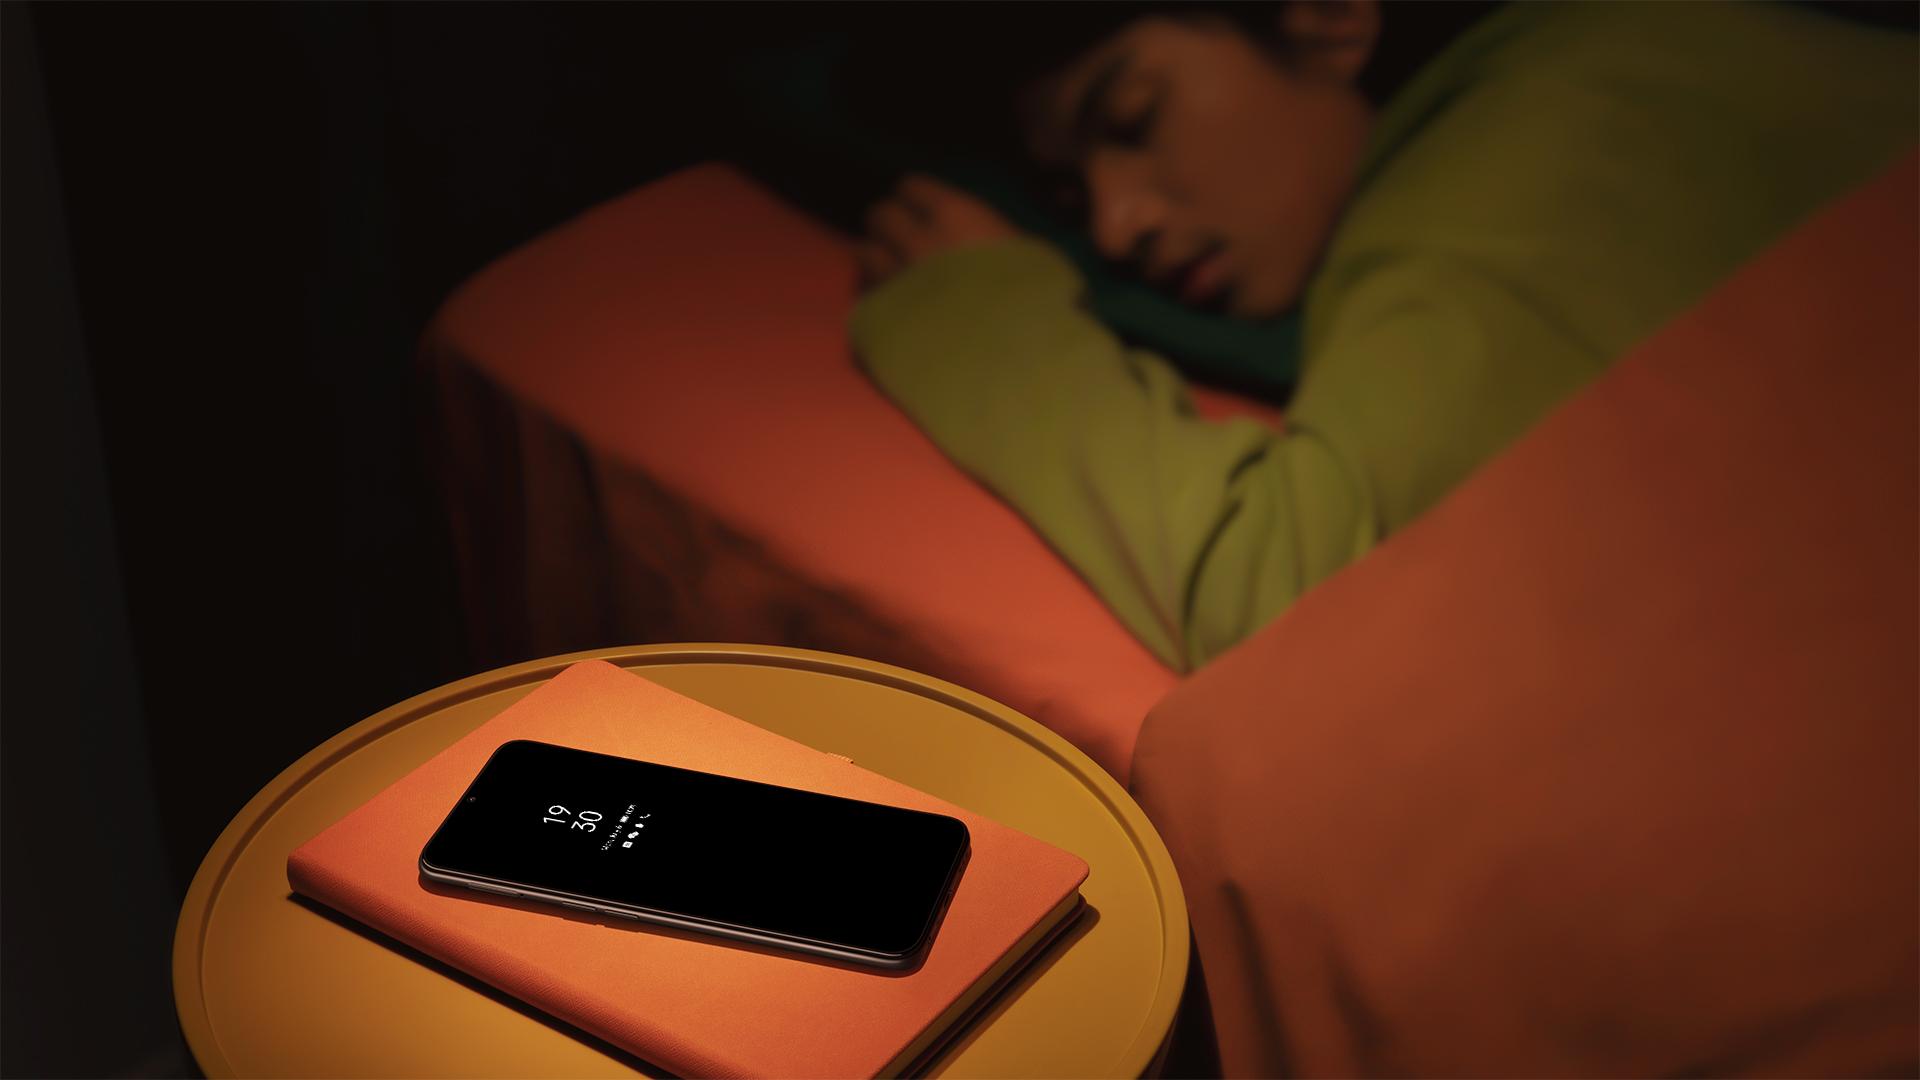 Ein Junge schläft, auf dem Nachttisch liegt ein Oppo A16s im Standby-Modus.